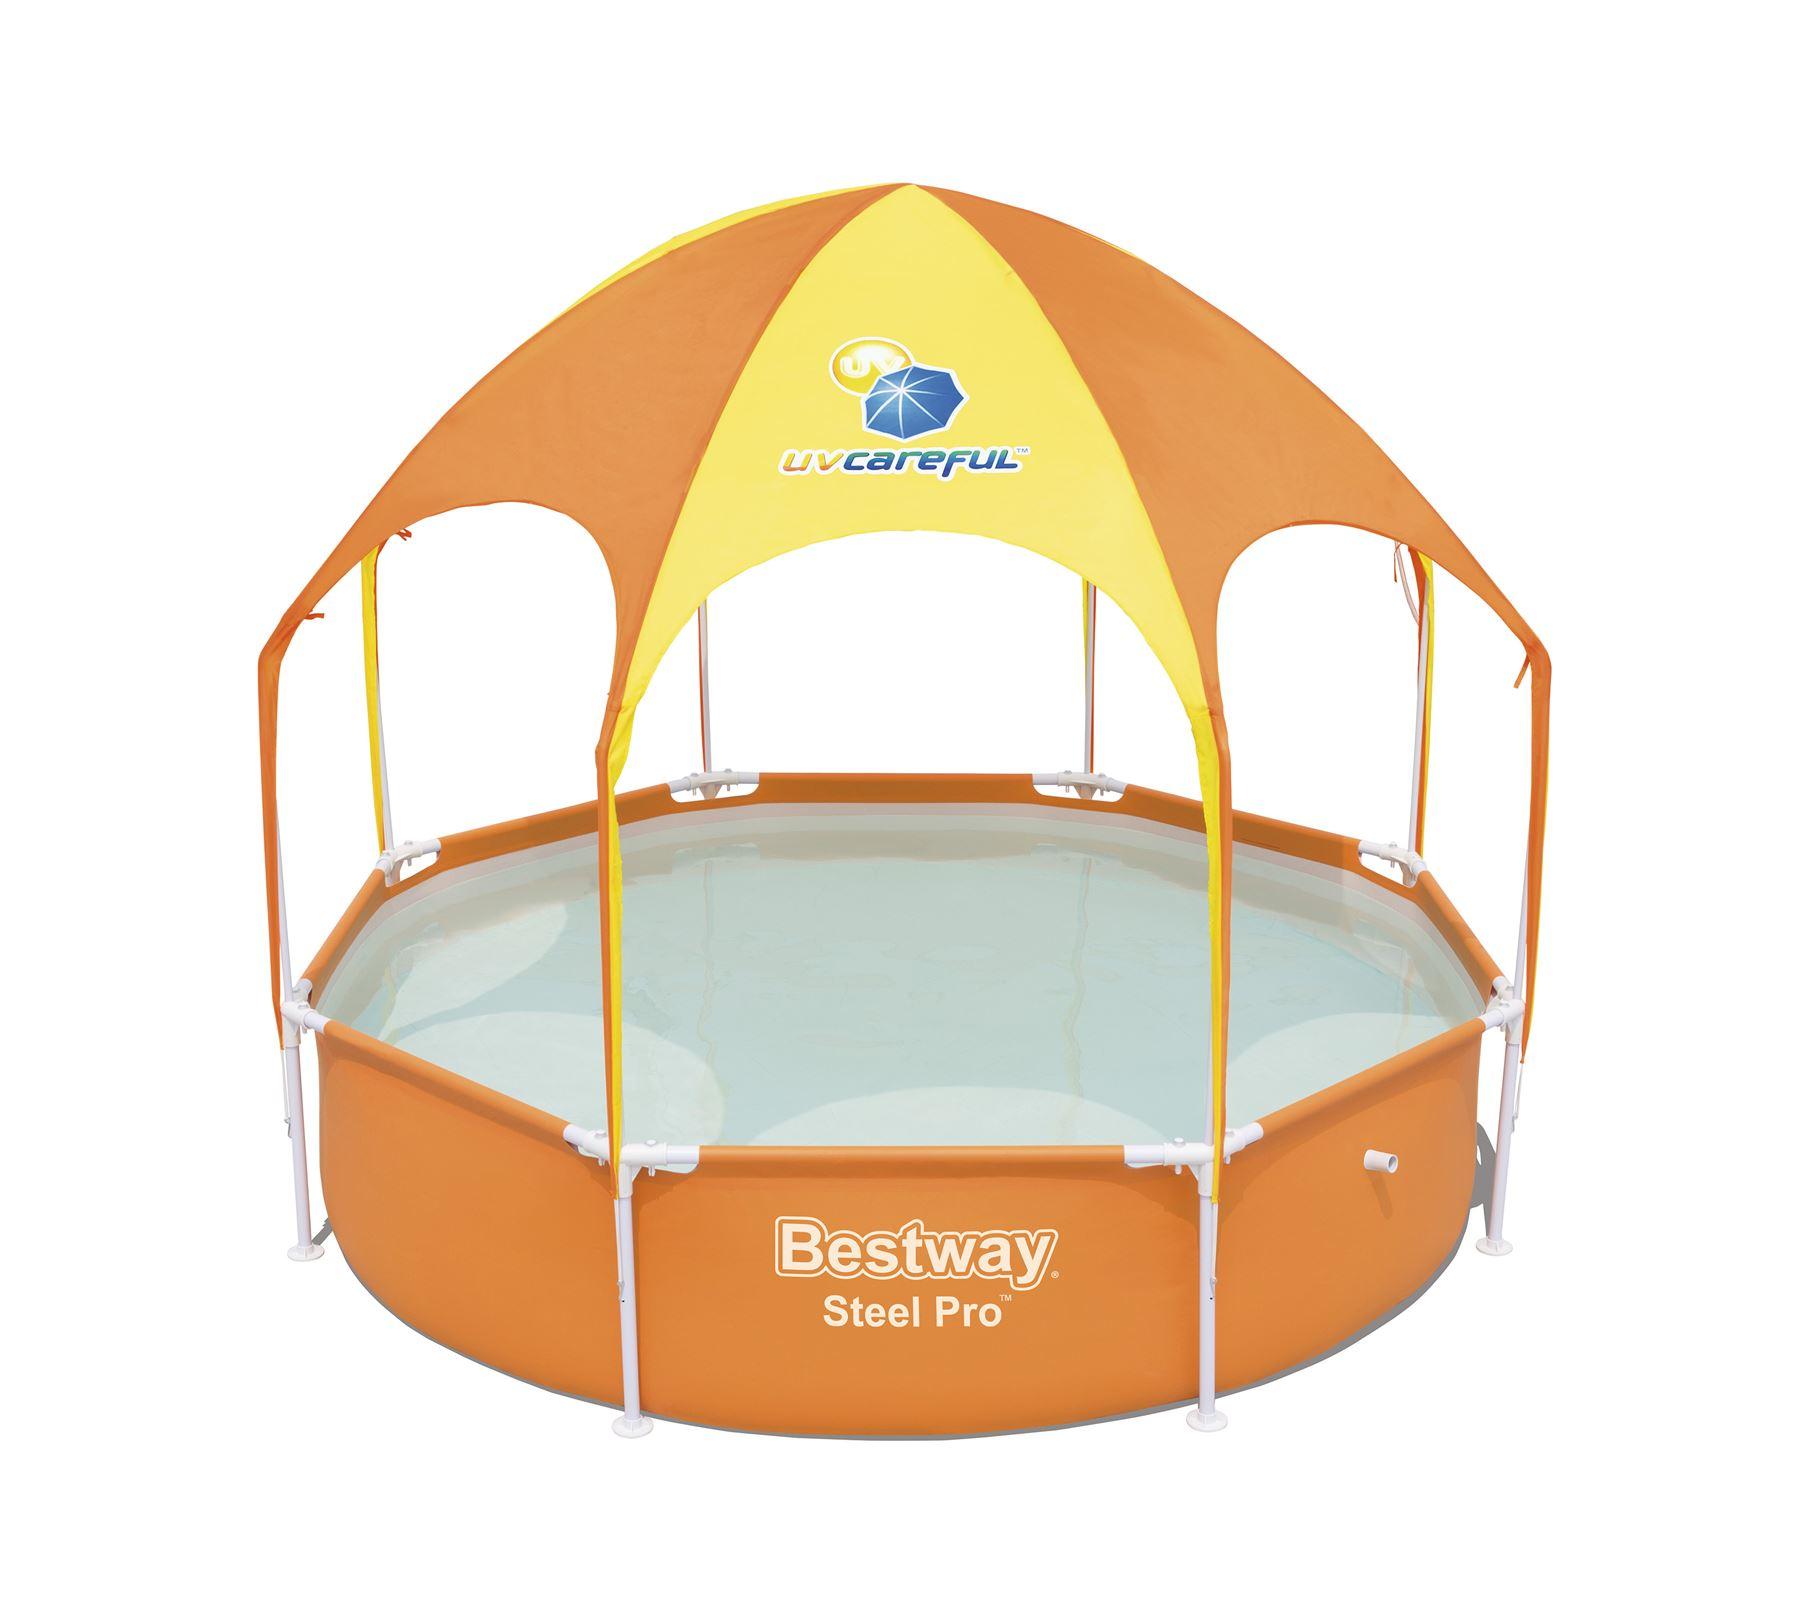 Bestway 8ft Splash & Shade Play Pool (was £89.99) Now £59.99 C&C at Very